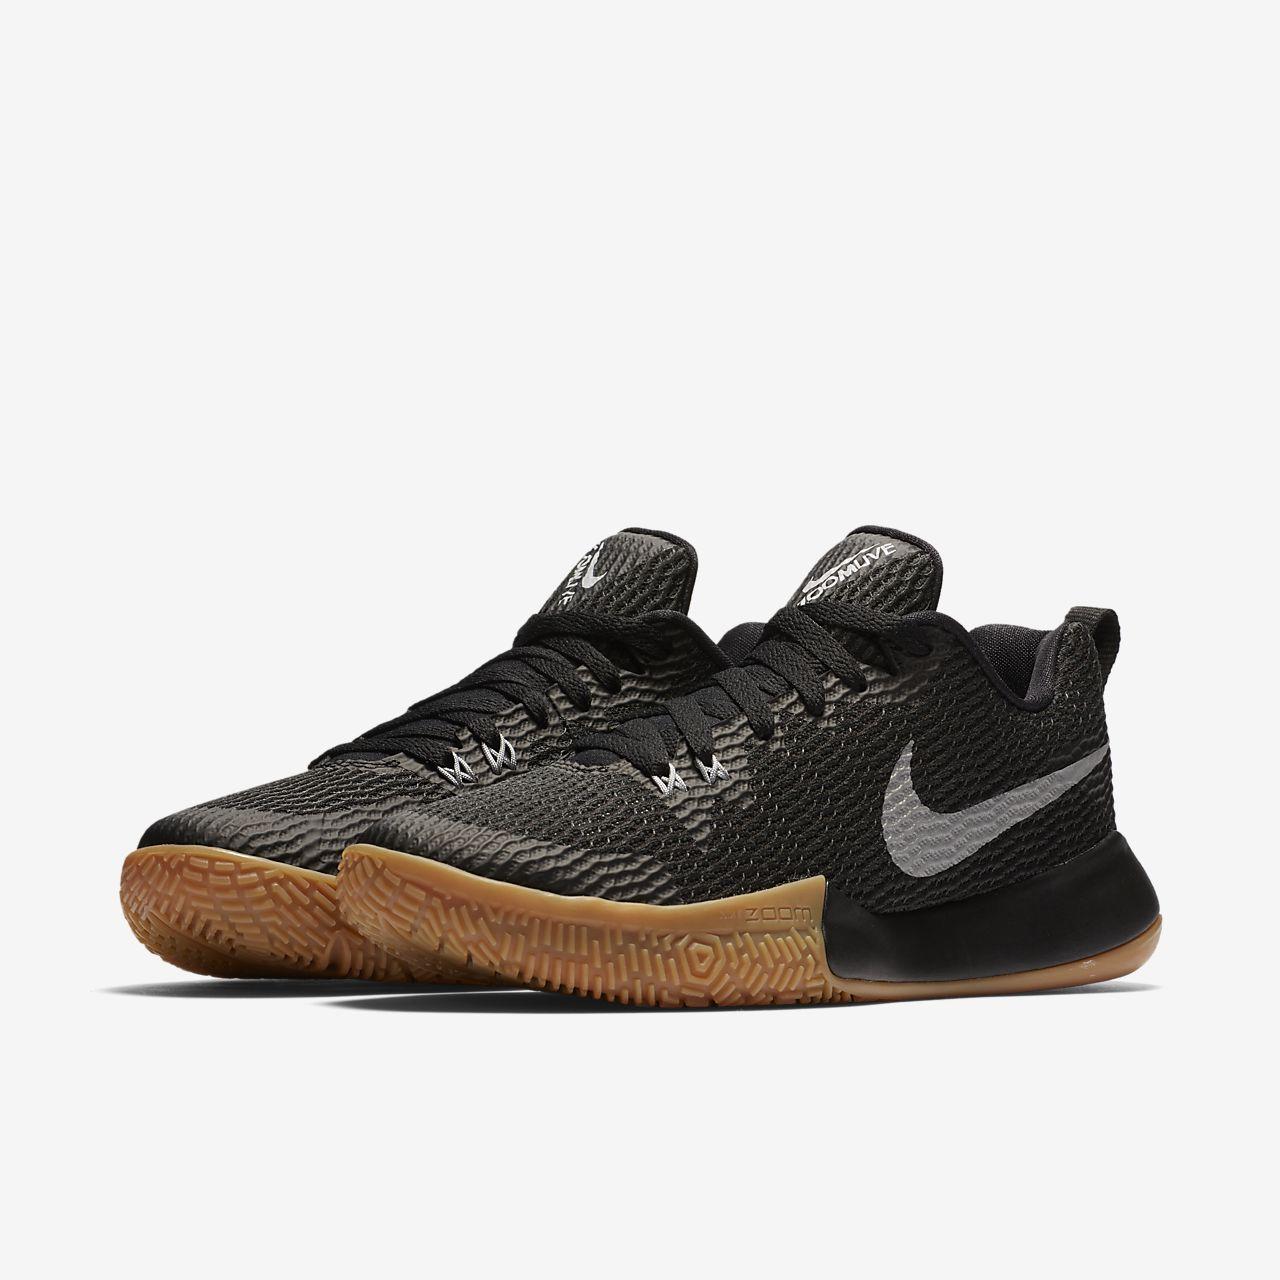 Nike Toddler Shoe Size